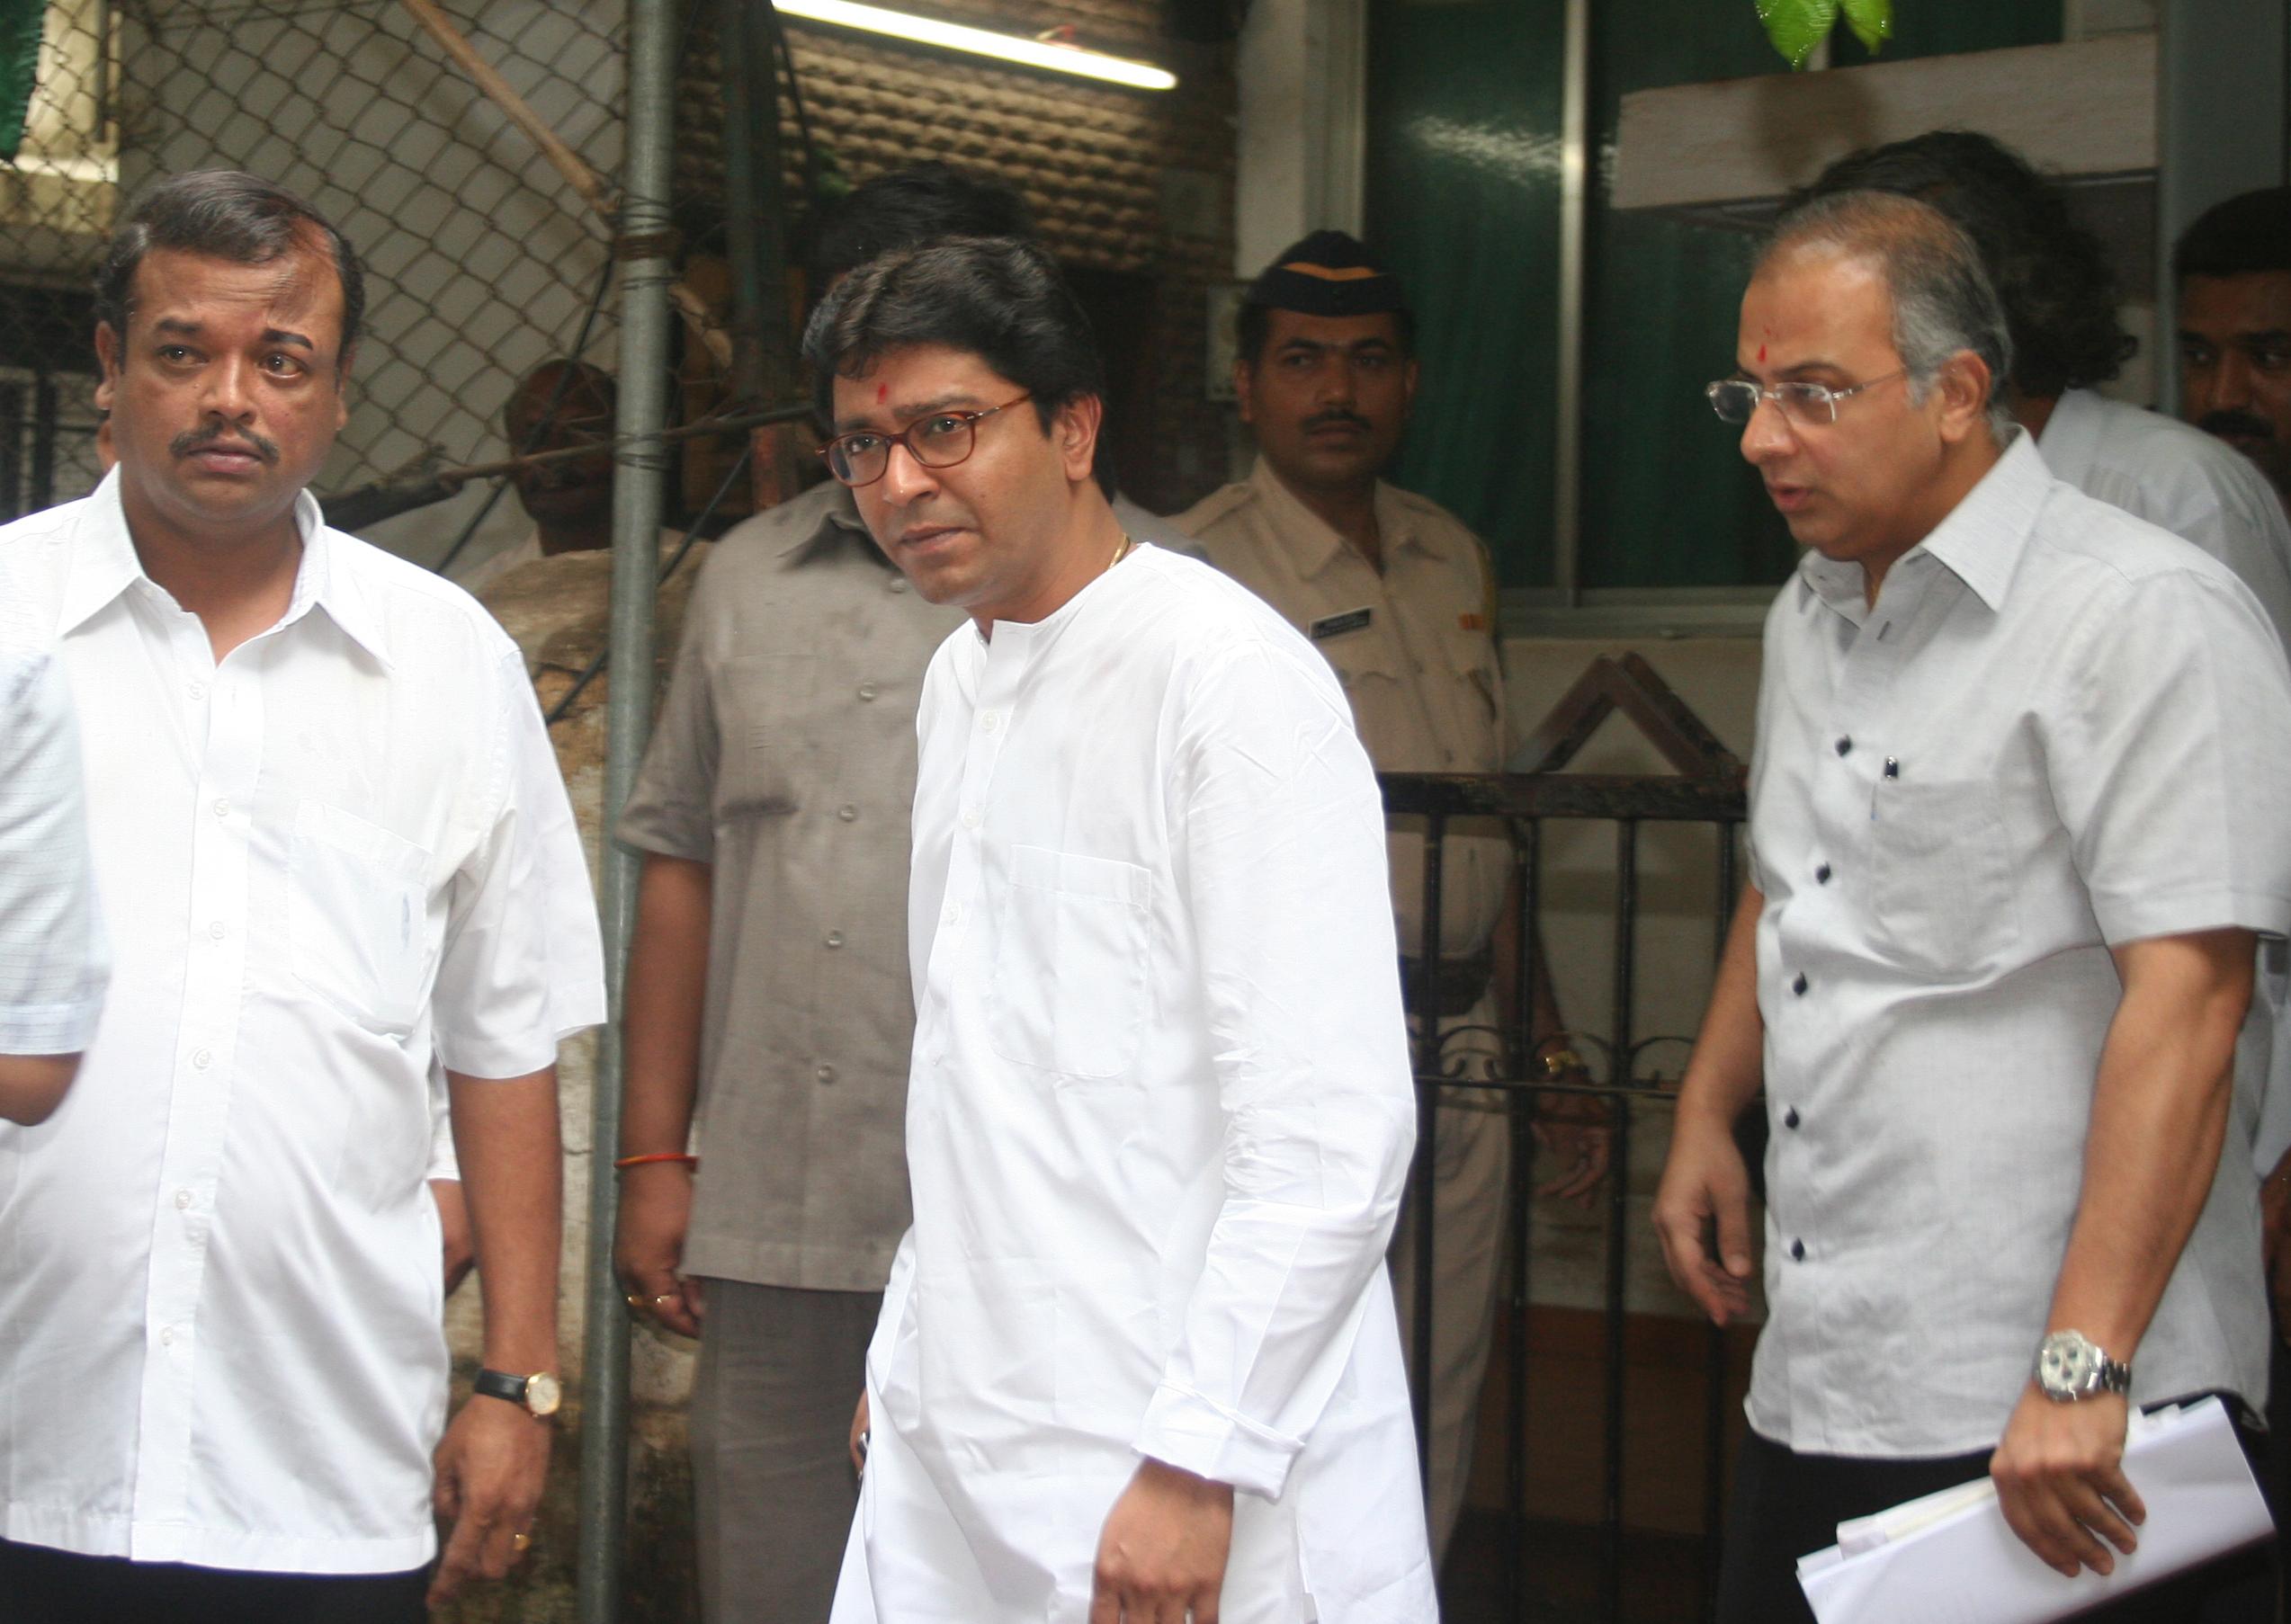 राज ठाकरे आणि अतुल सरपोतदार घनिष्ठ मित्र- सहकारी